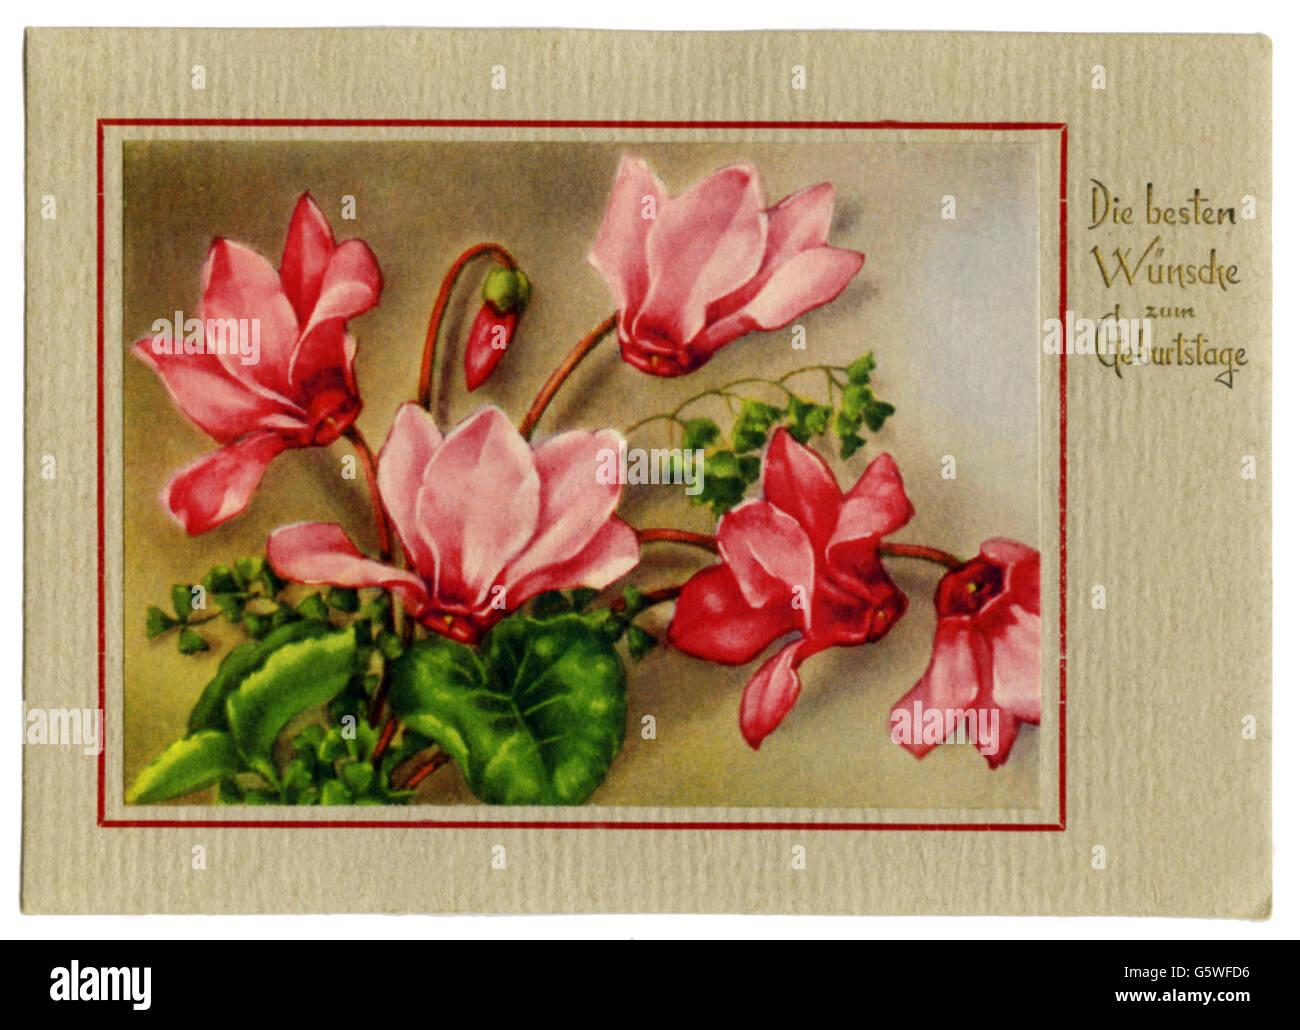 Festlichkeiten Grußkarte Geburtstag Die Beispiele Wünsche